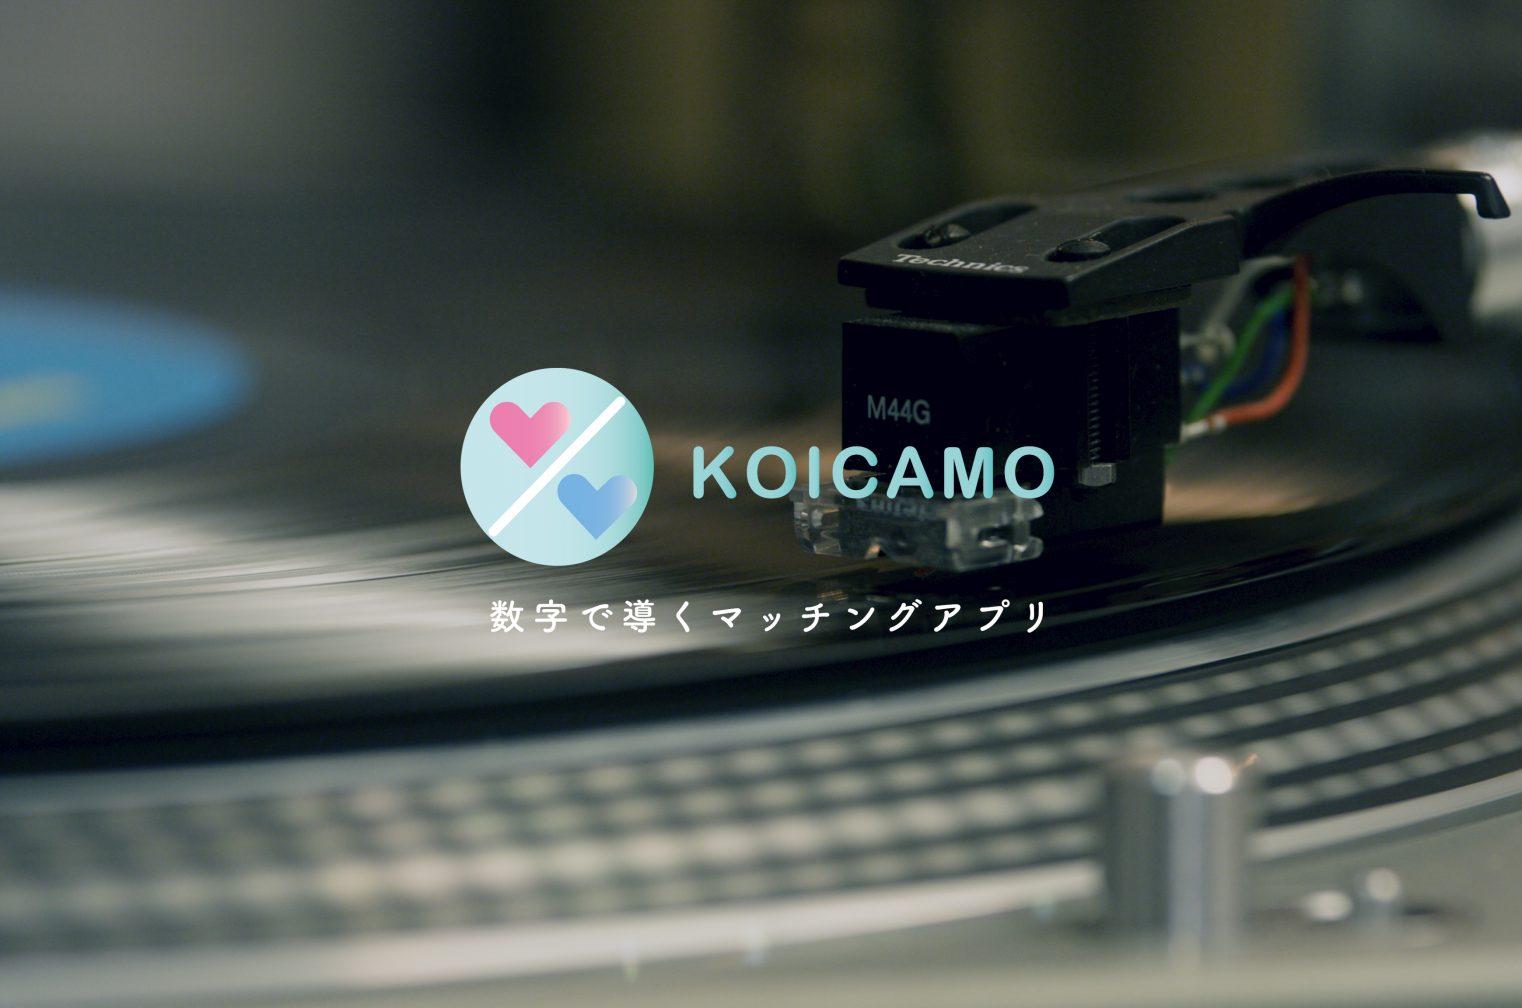 架空のCM『KOICAMO』の出発点となった、マッチングアプリの広告映像の狭さ【bacter】